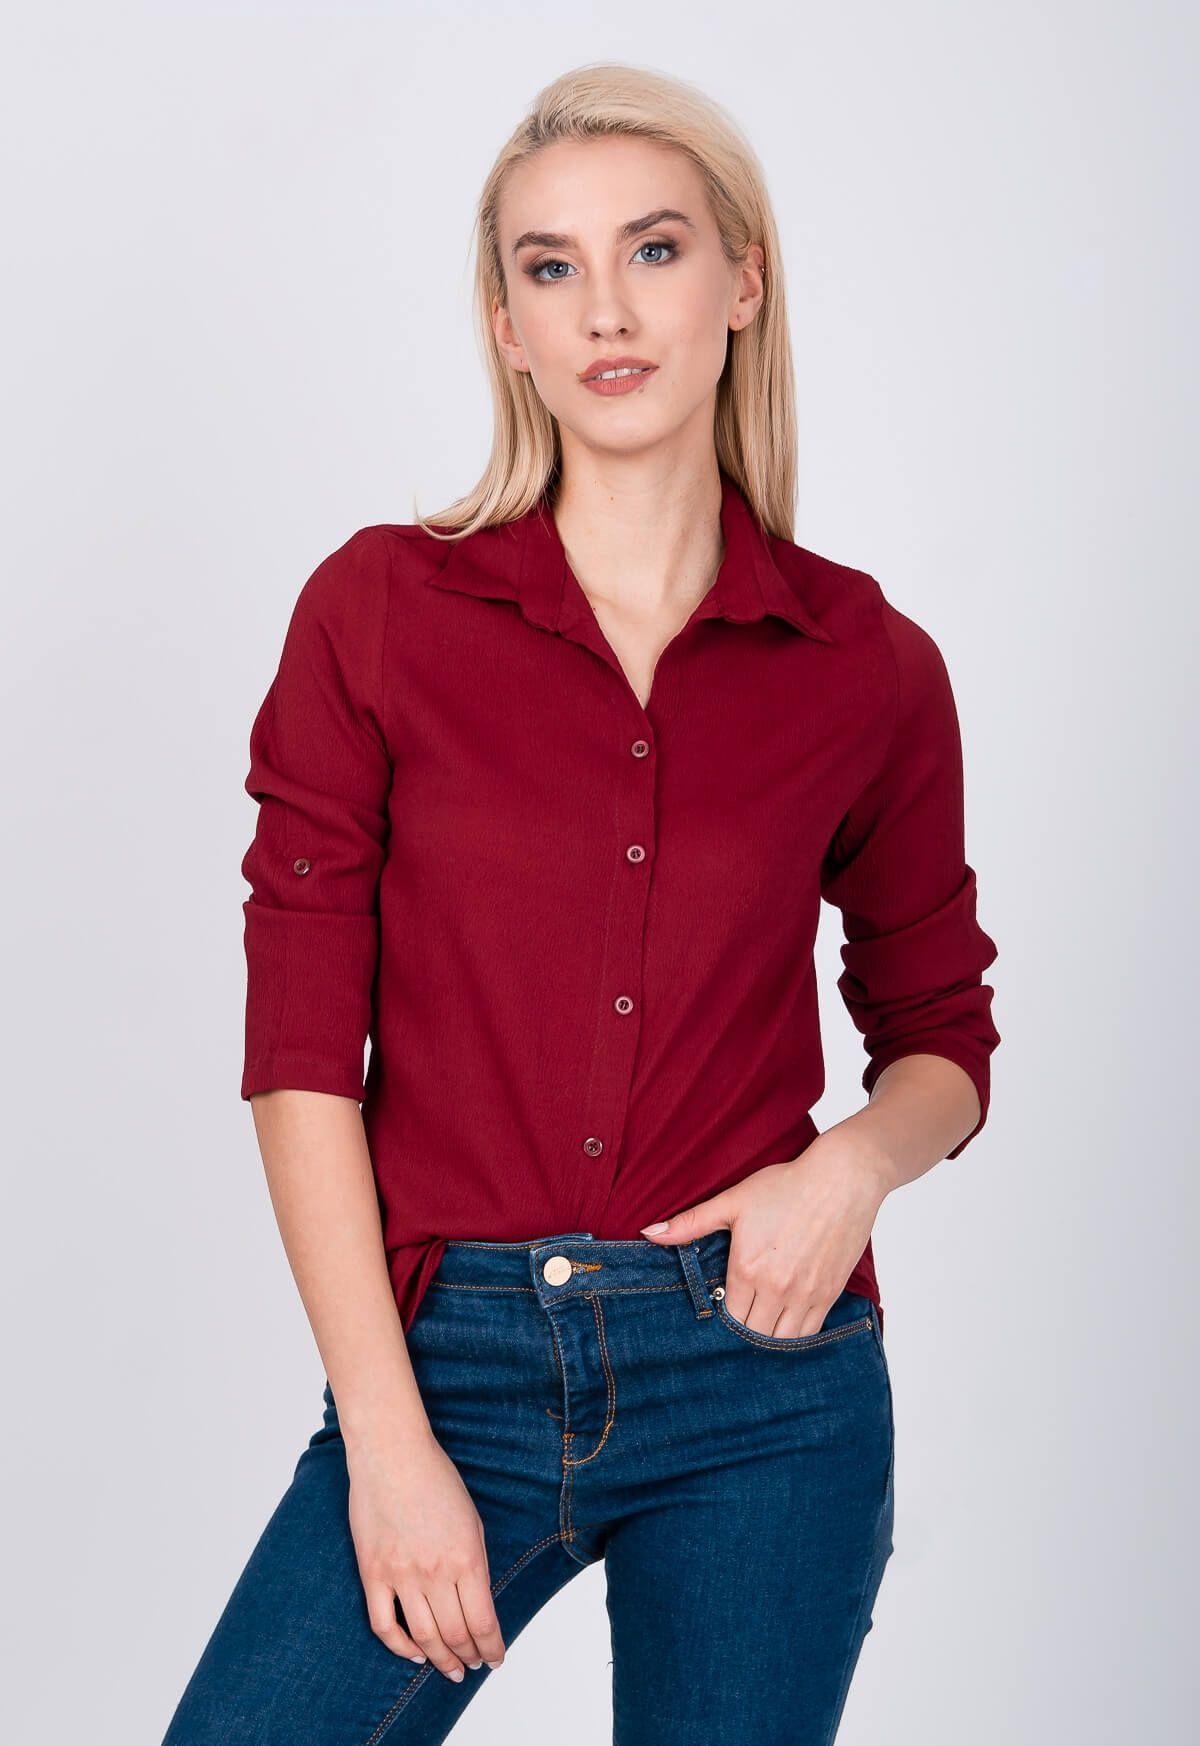 a221c1d7dc37 Asymetrická dámska bordová košeľa s trojštvrťovým rukávom - ROUZIT ...